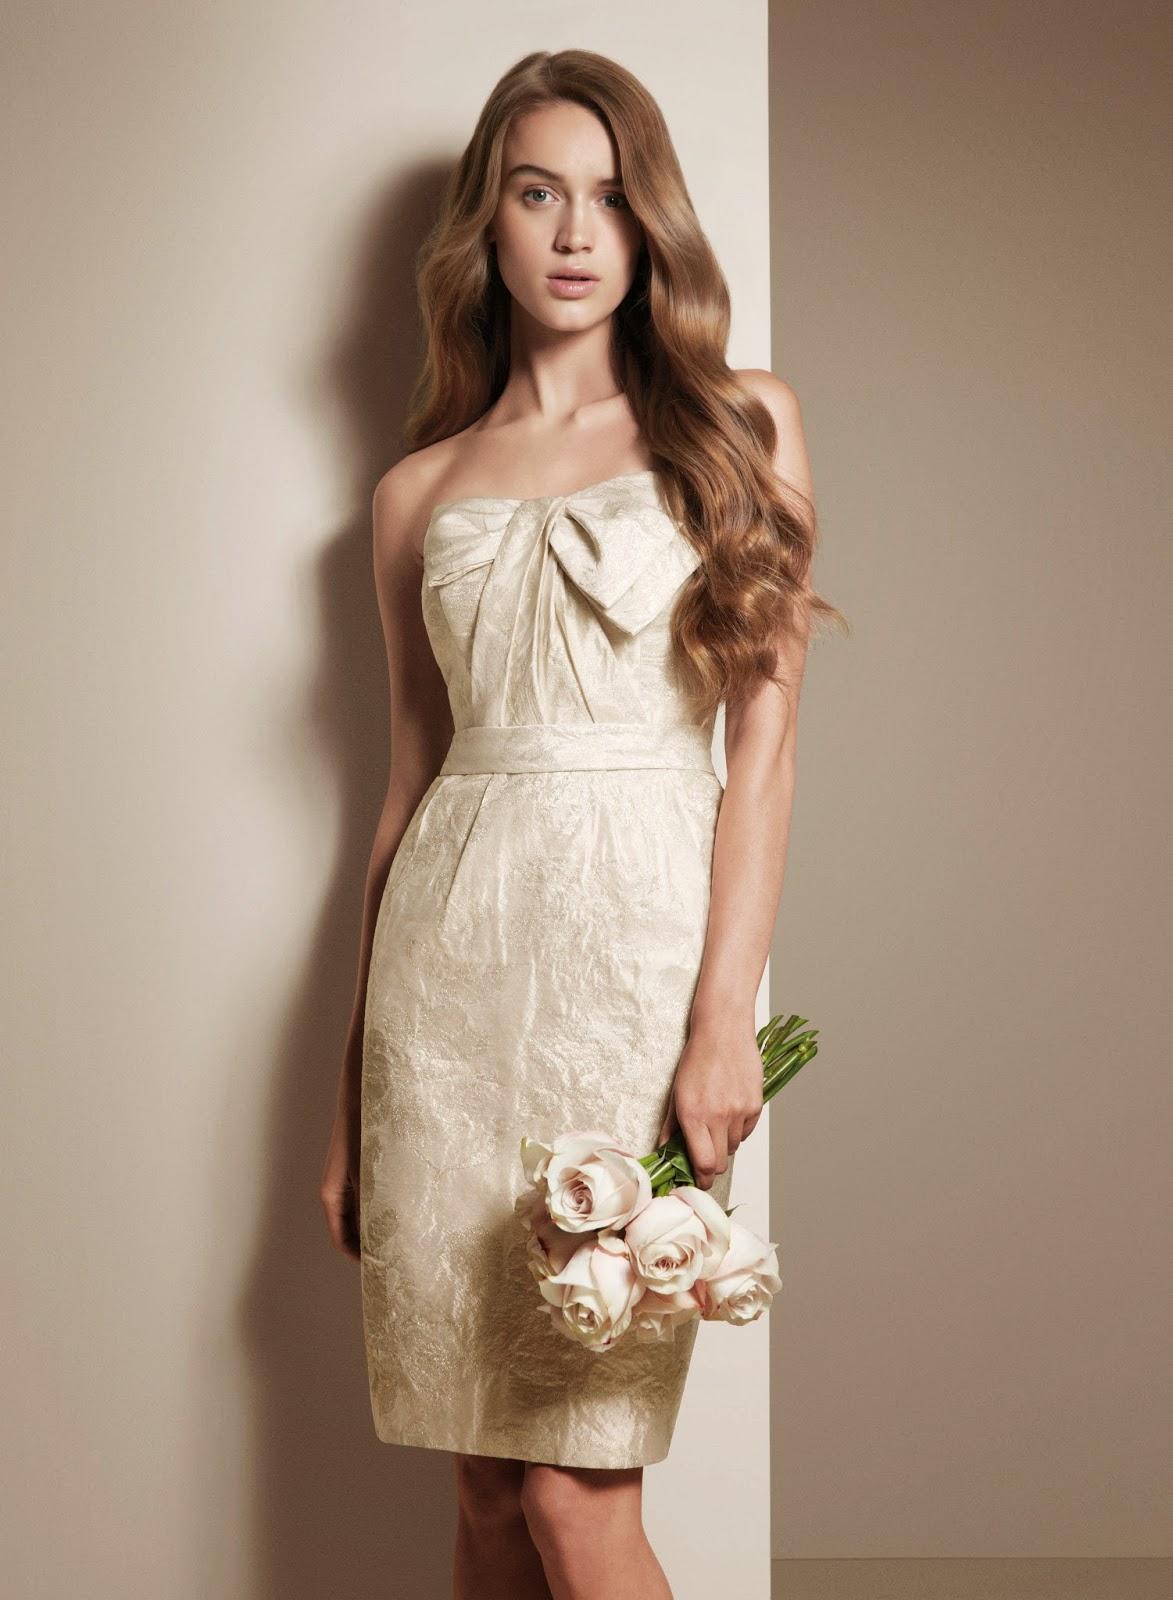 460c7d531f6e Vera Wang Bridesmaid Looks for Fall - S.N.O.B.B. Bride